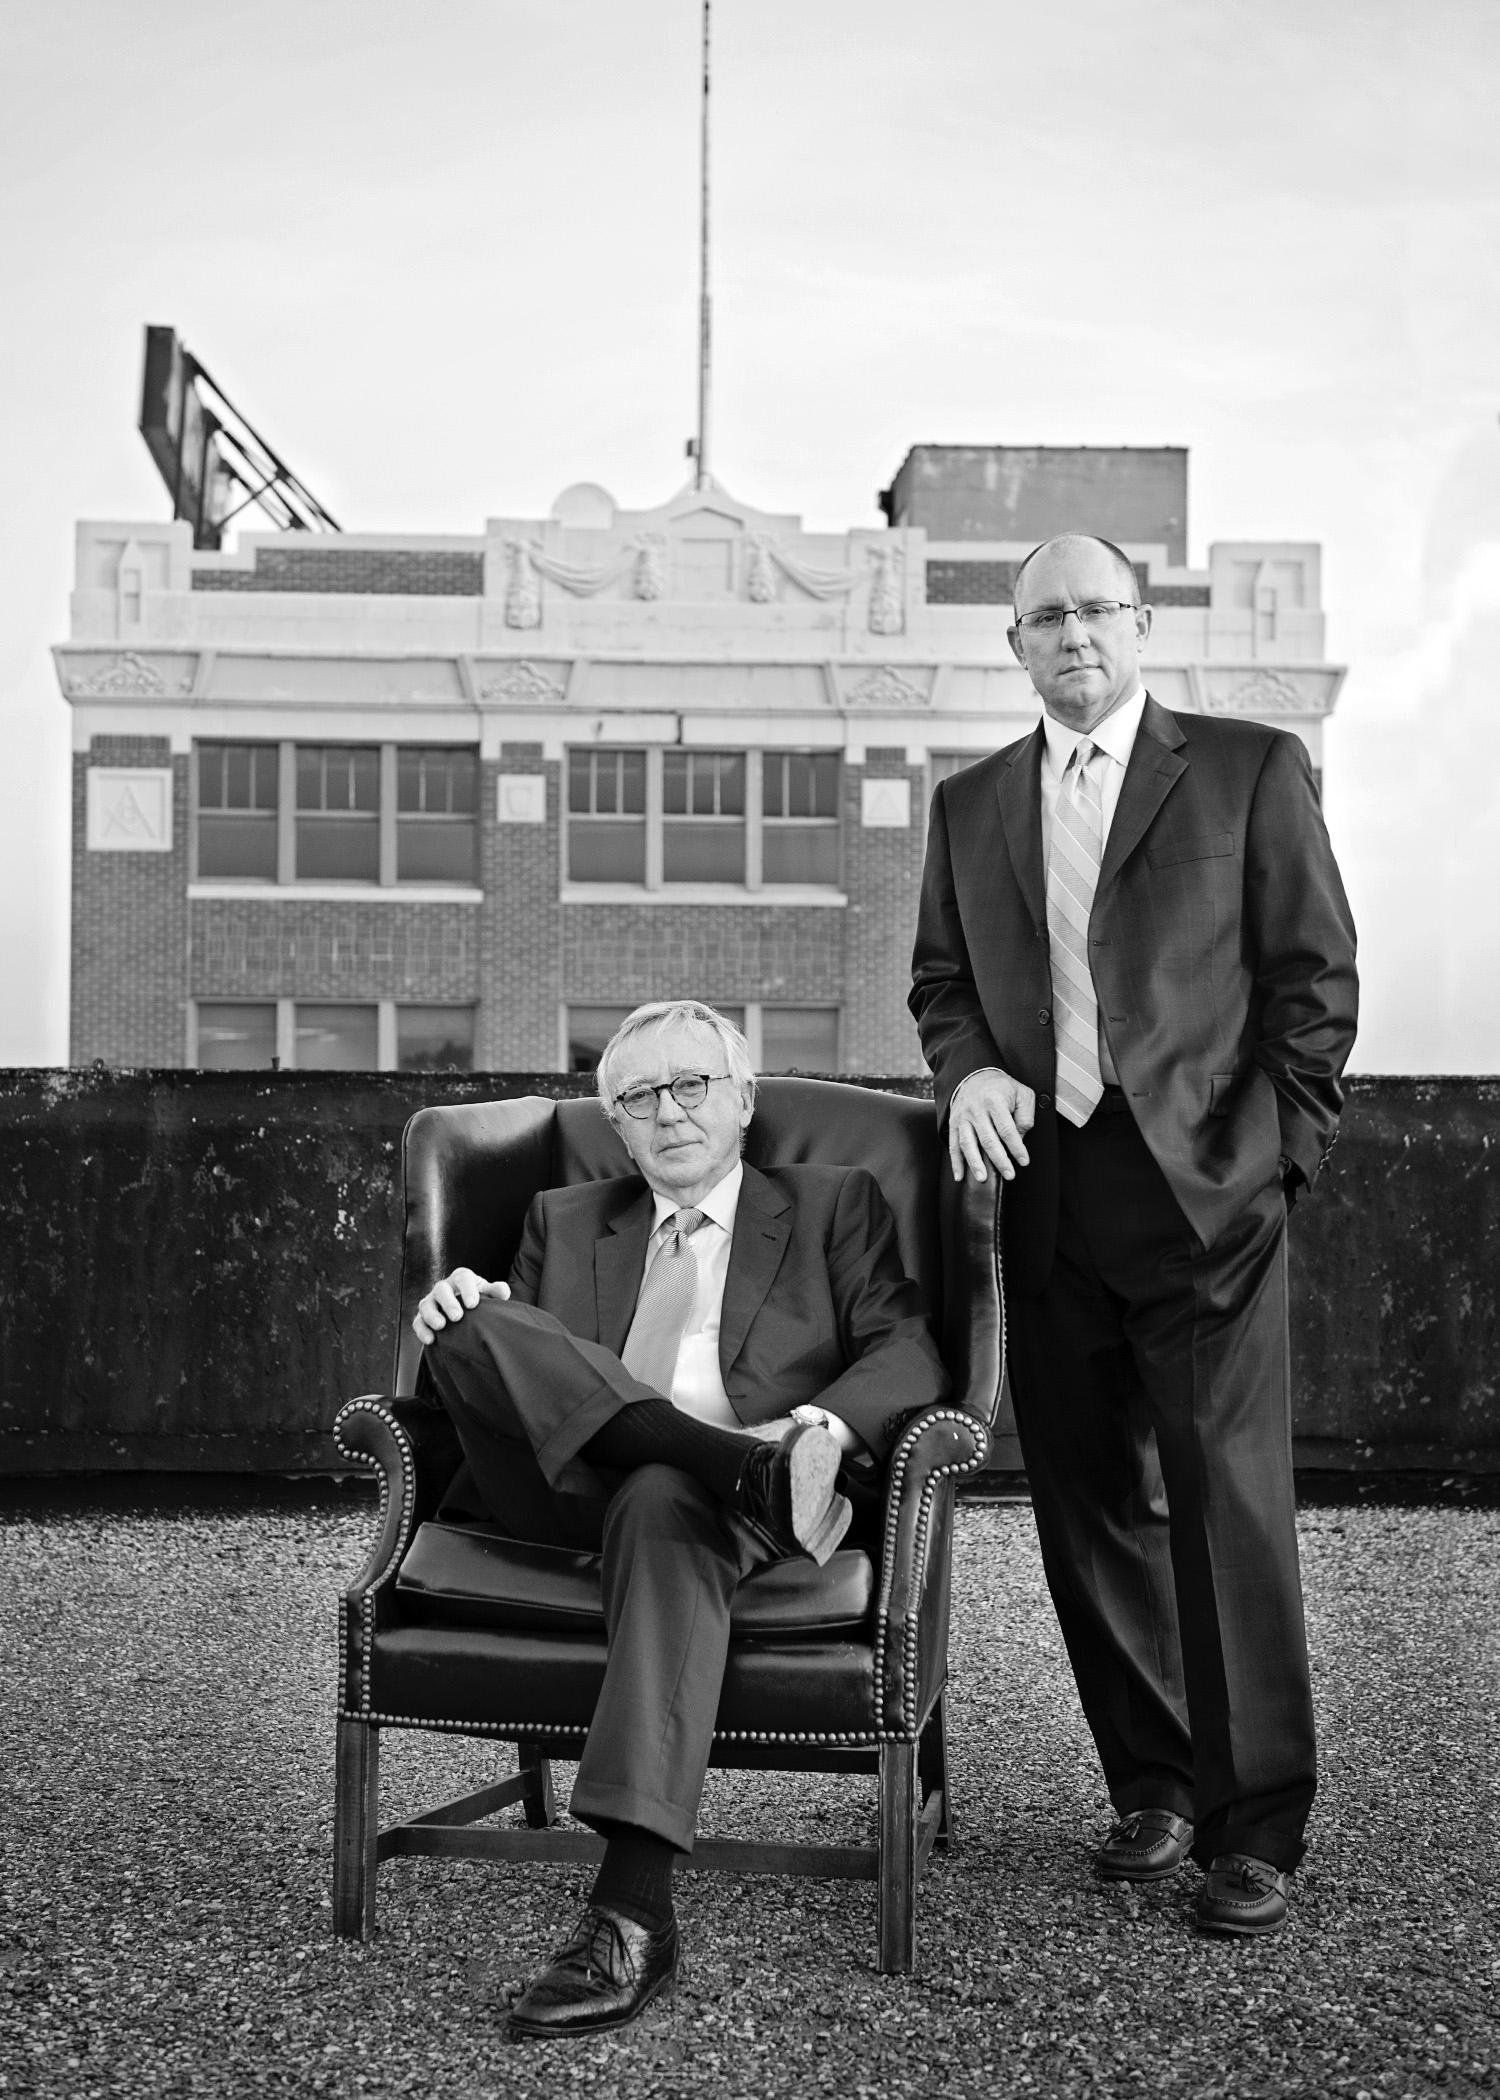 Boettcher Devinney Ingle & Wicker